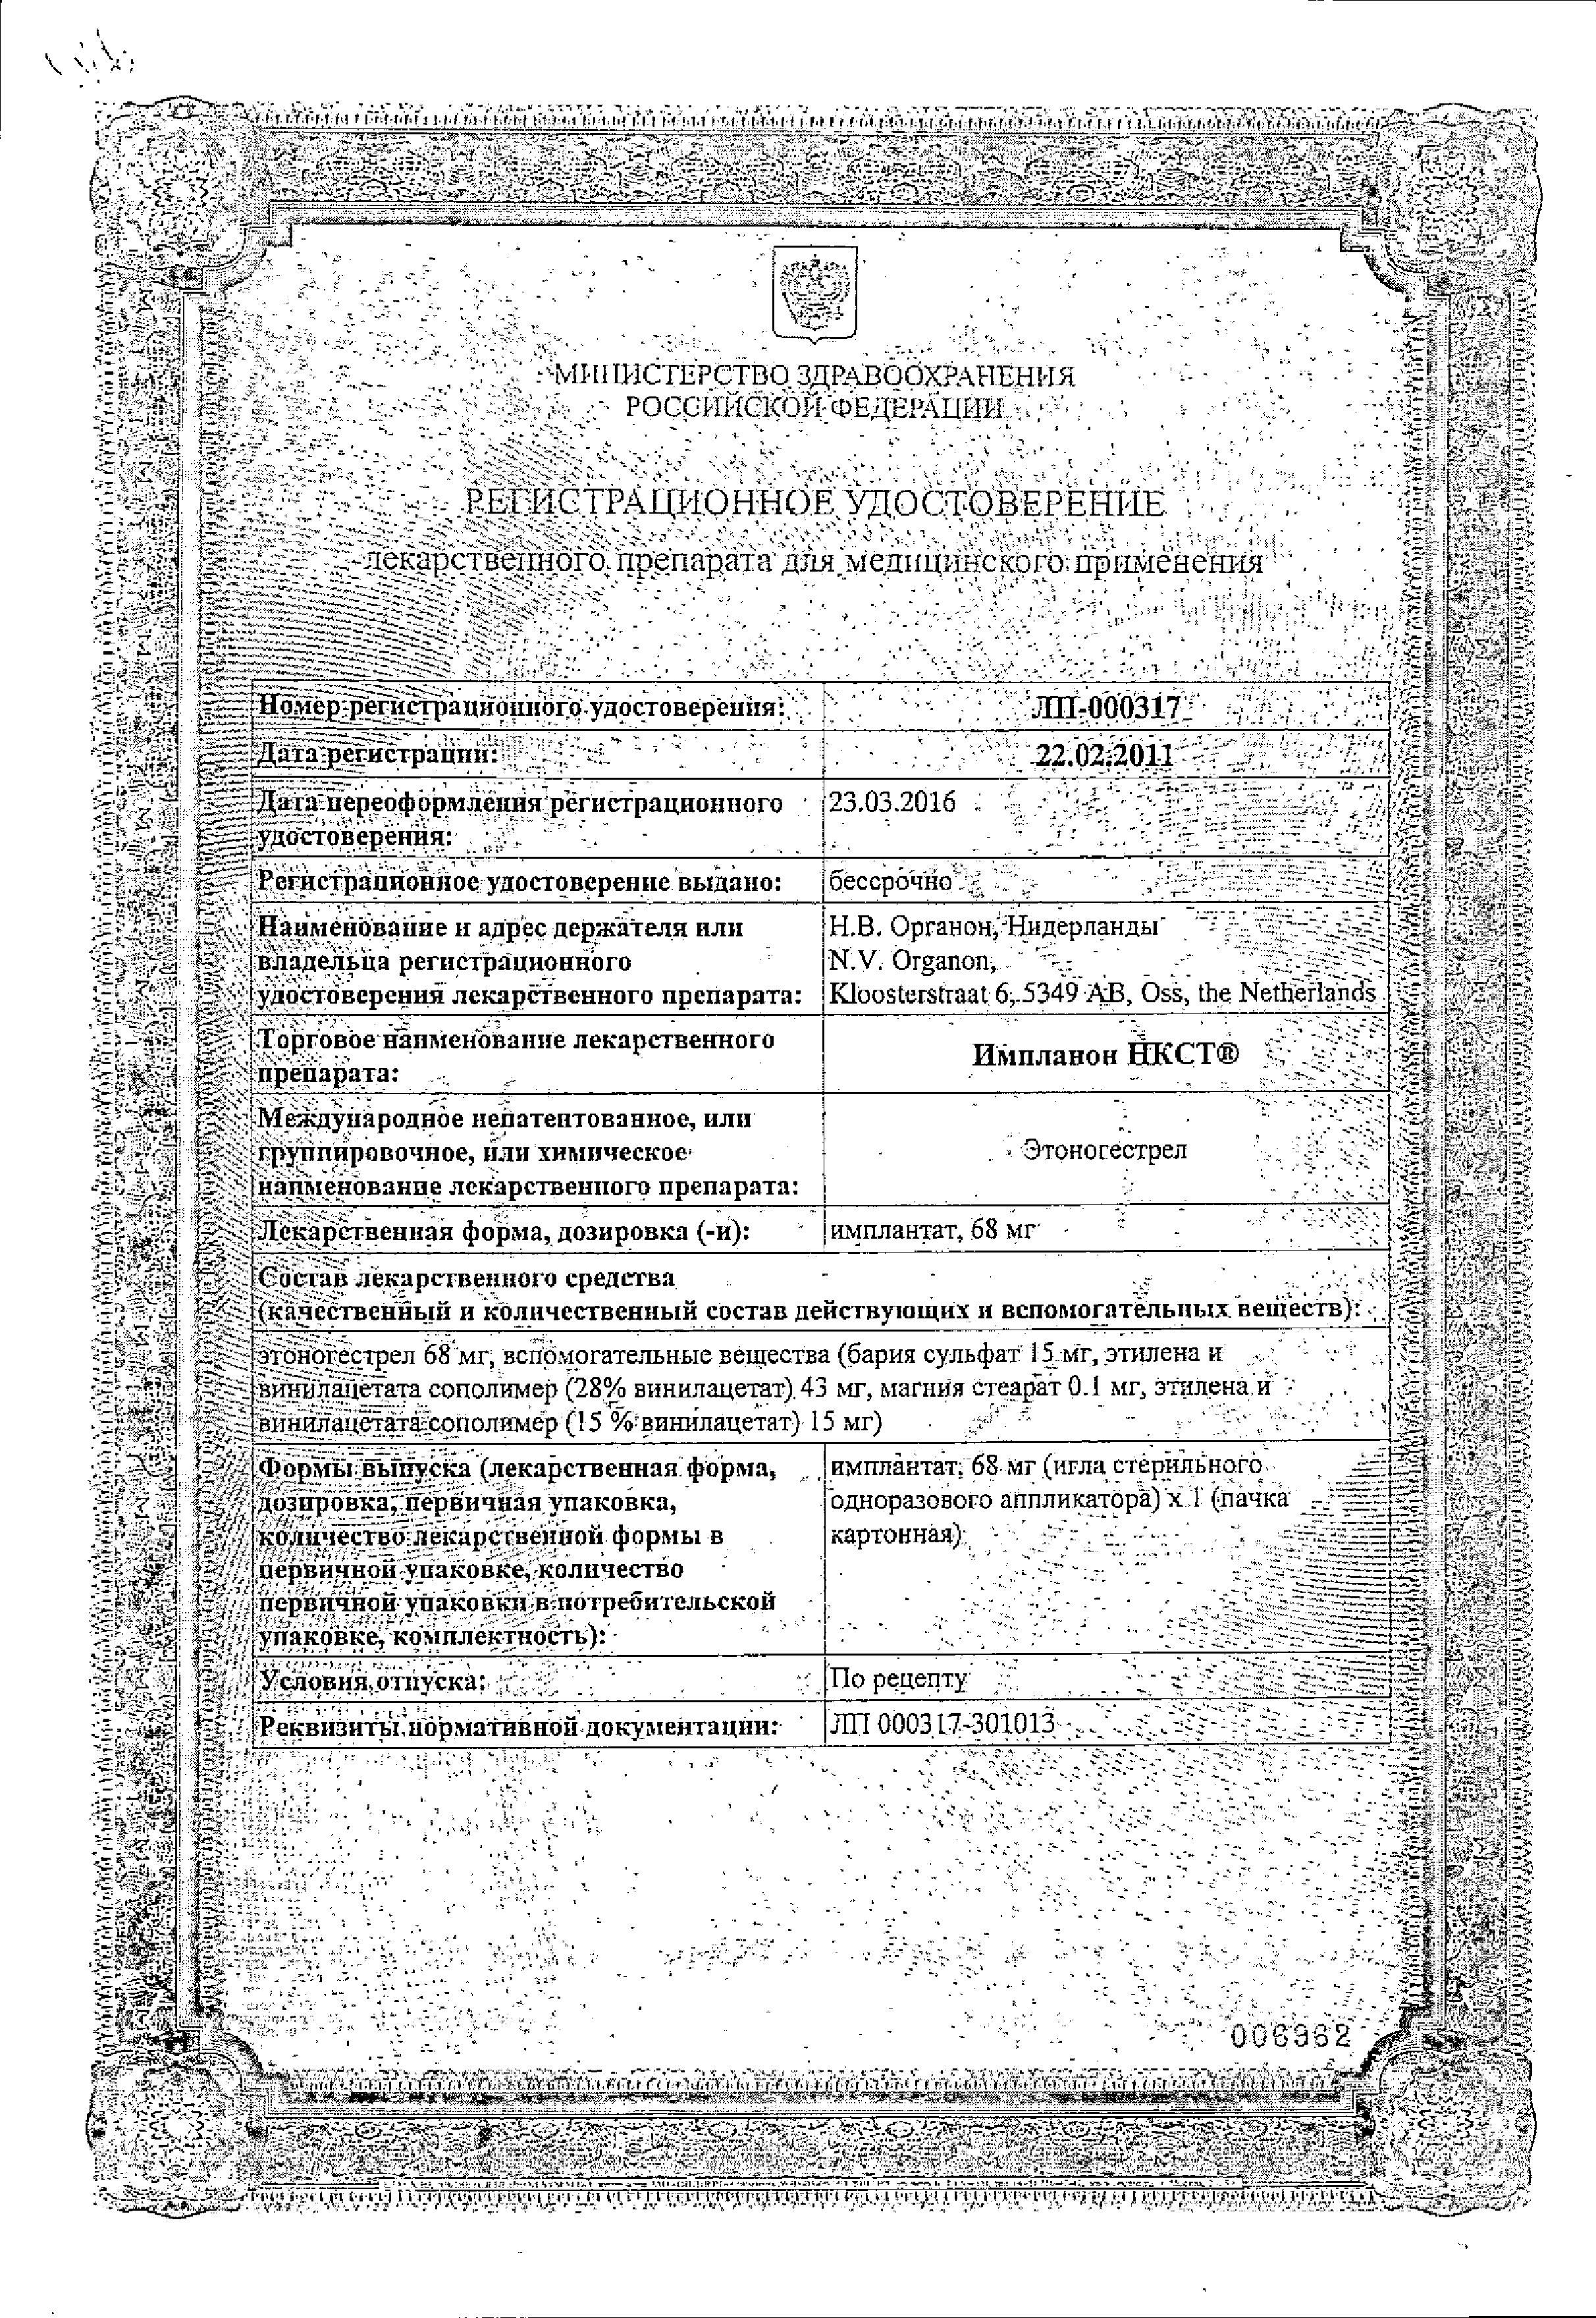 Импланон НКСТ сертификат